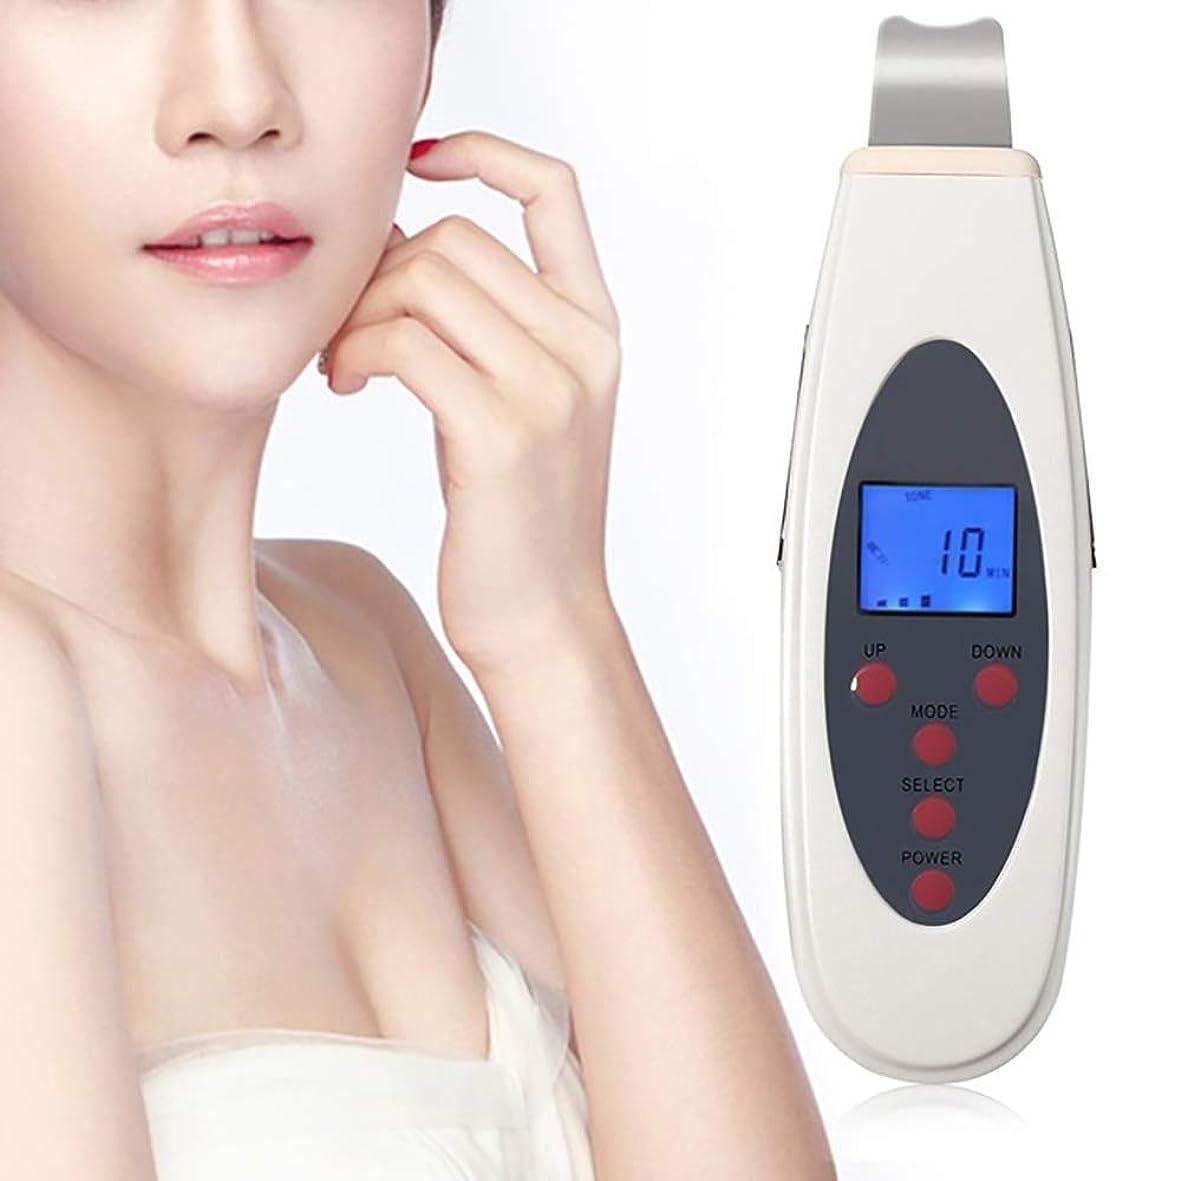 乳人物用量顔の皮膚スクラバー、スキンケア男性女性のためのデジタル顔LCDディスプレイフェイスエクスフォリエイティング美容機器顔の美容機超音波スキンスクラバーポータブルスキンスクラバースキンクリーナー